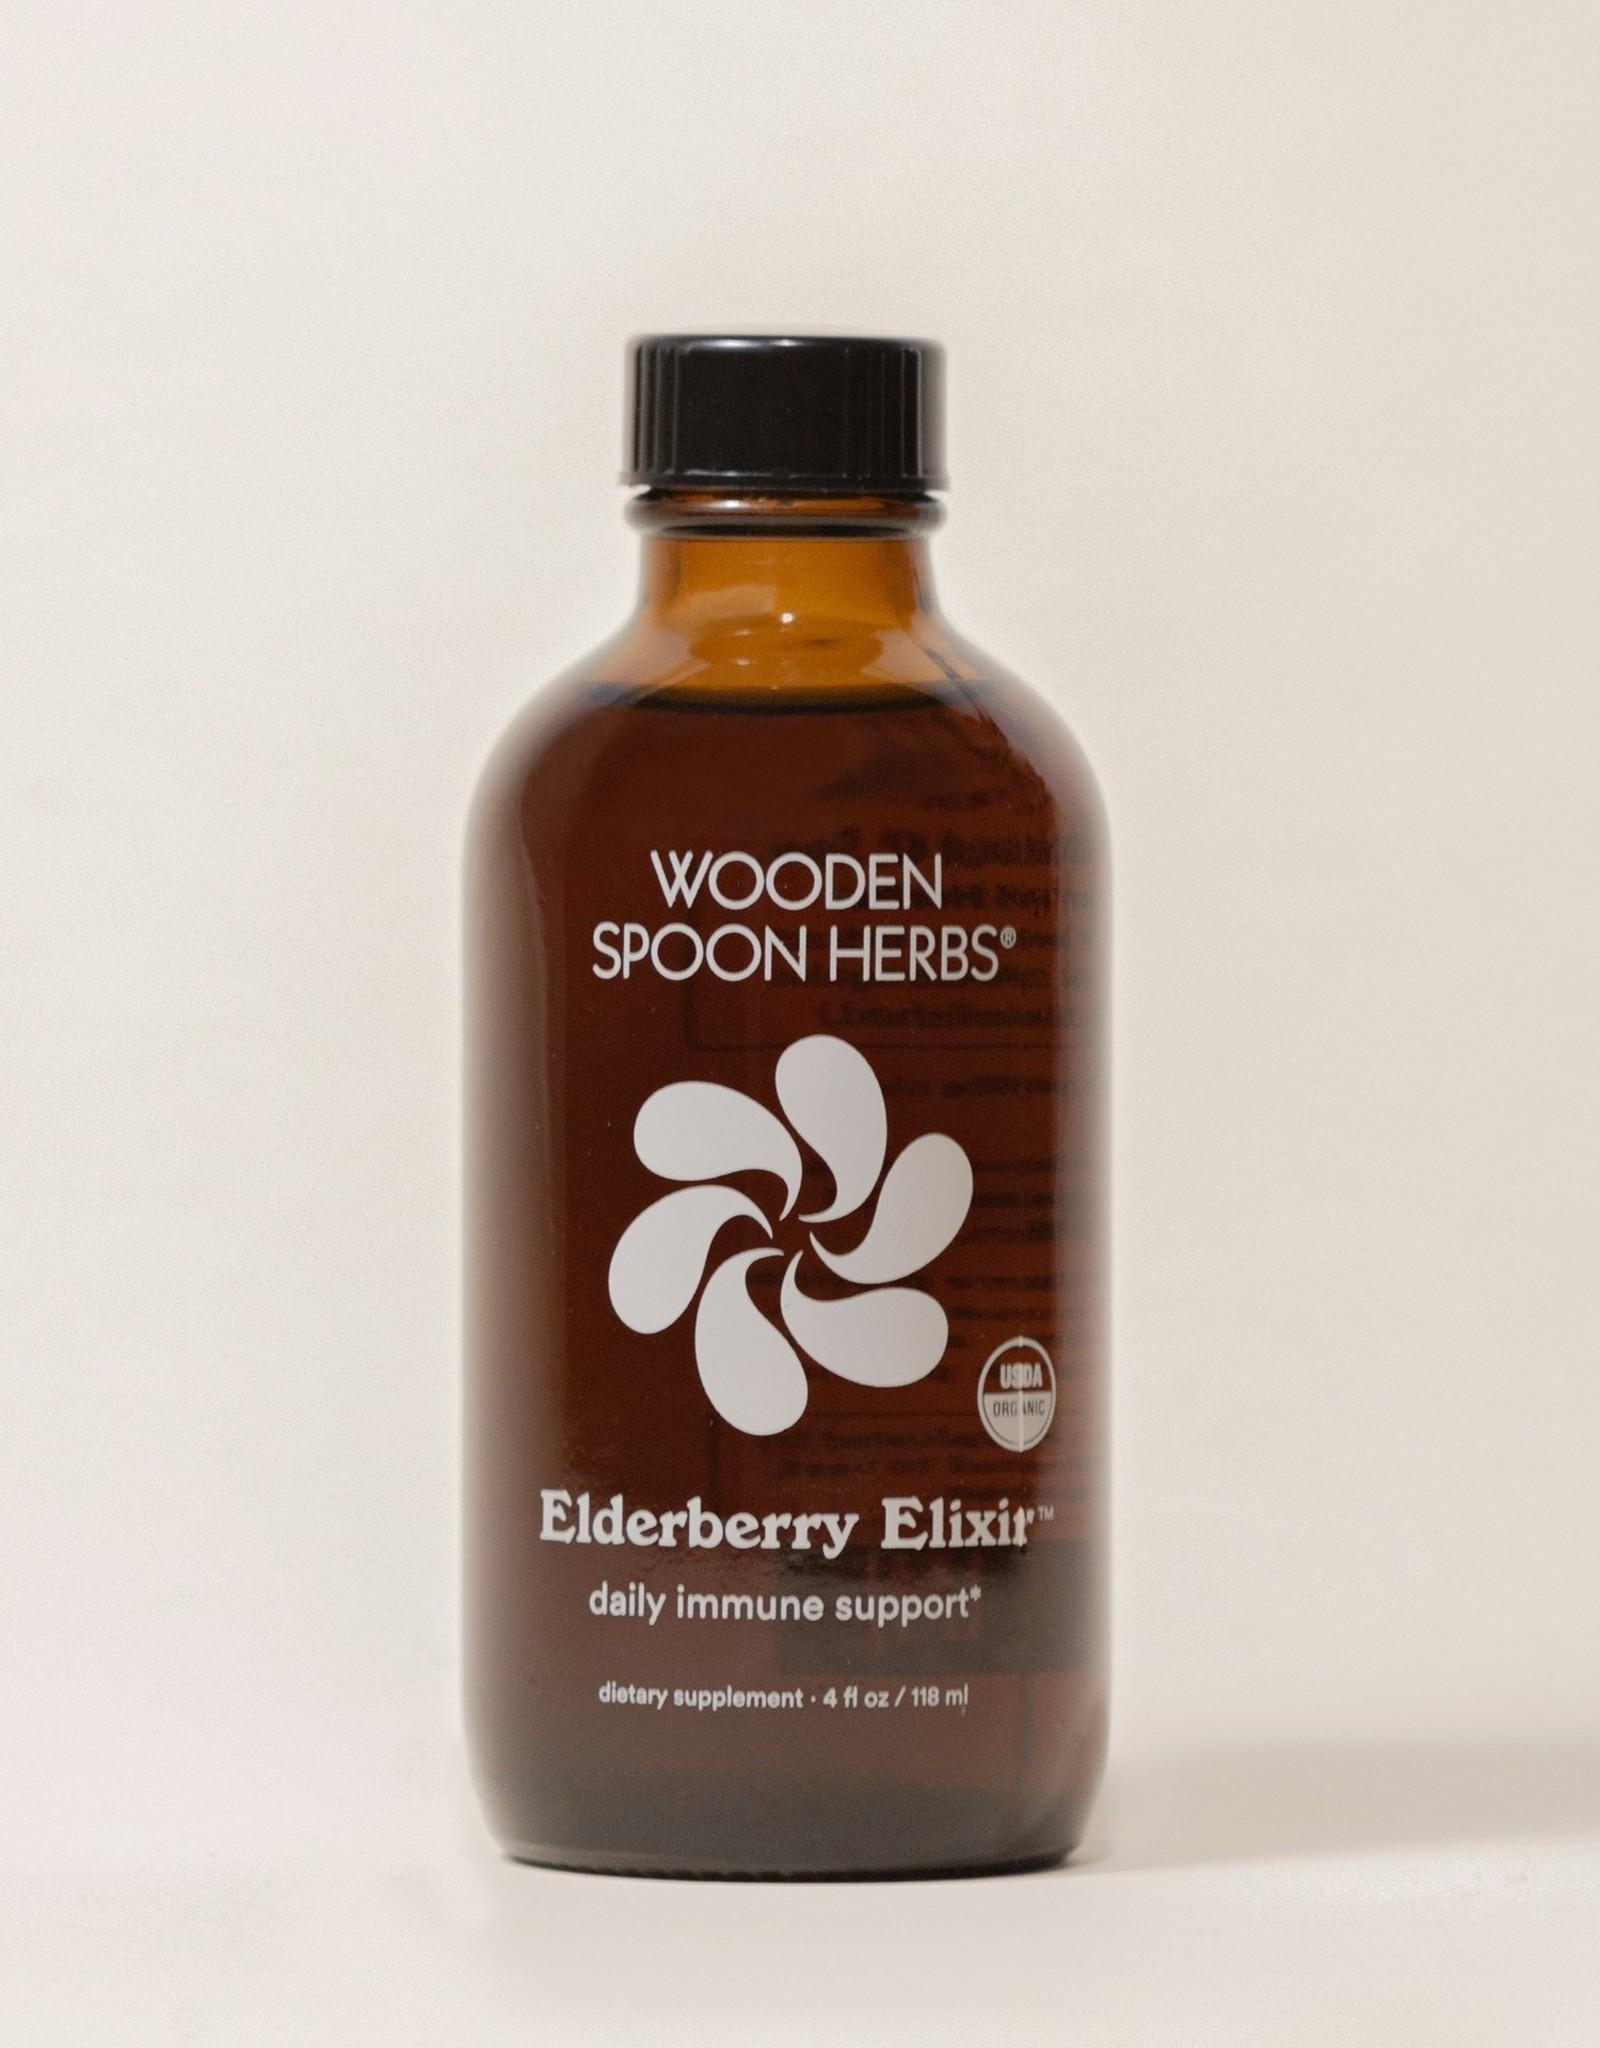 Wooden Spoon Herbs Elderberry Elixir